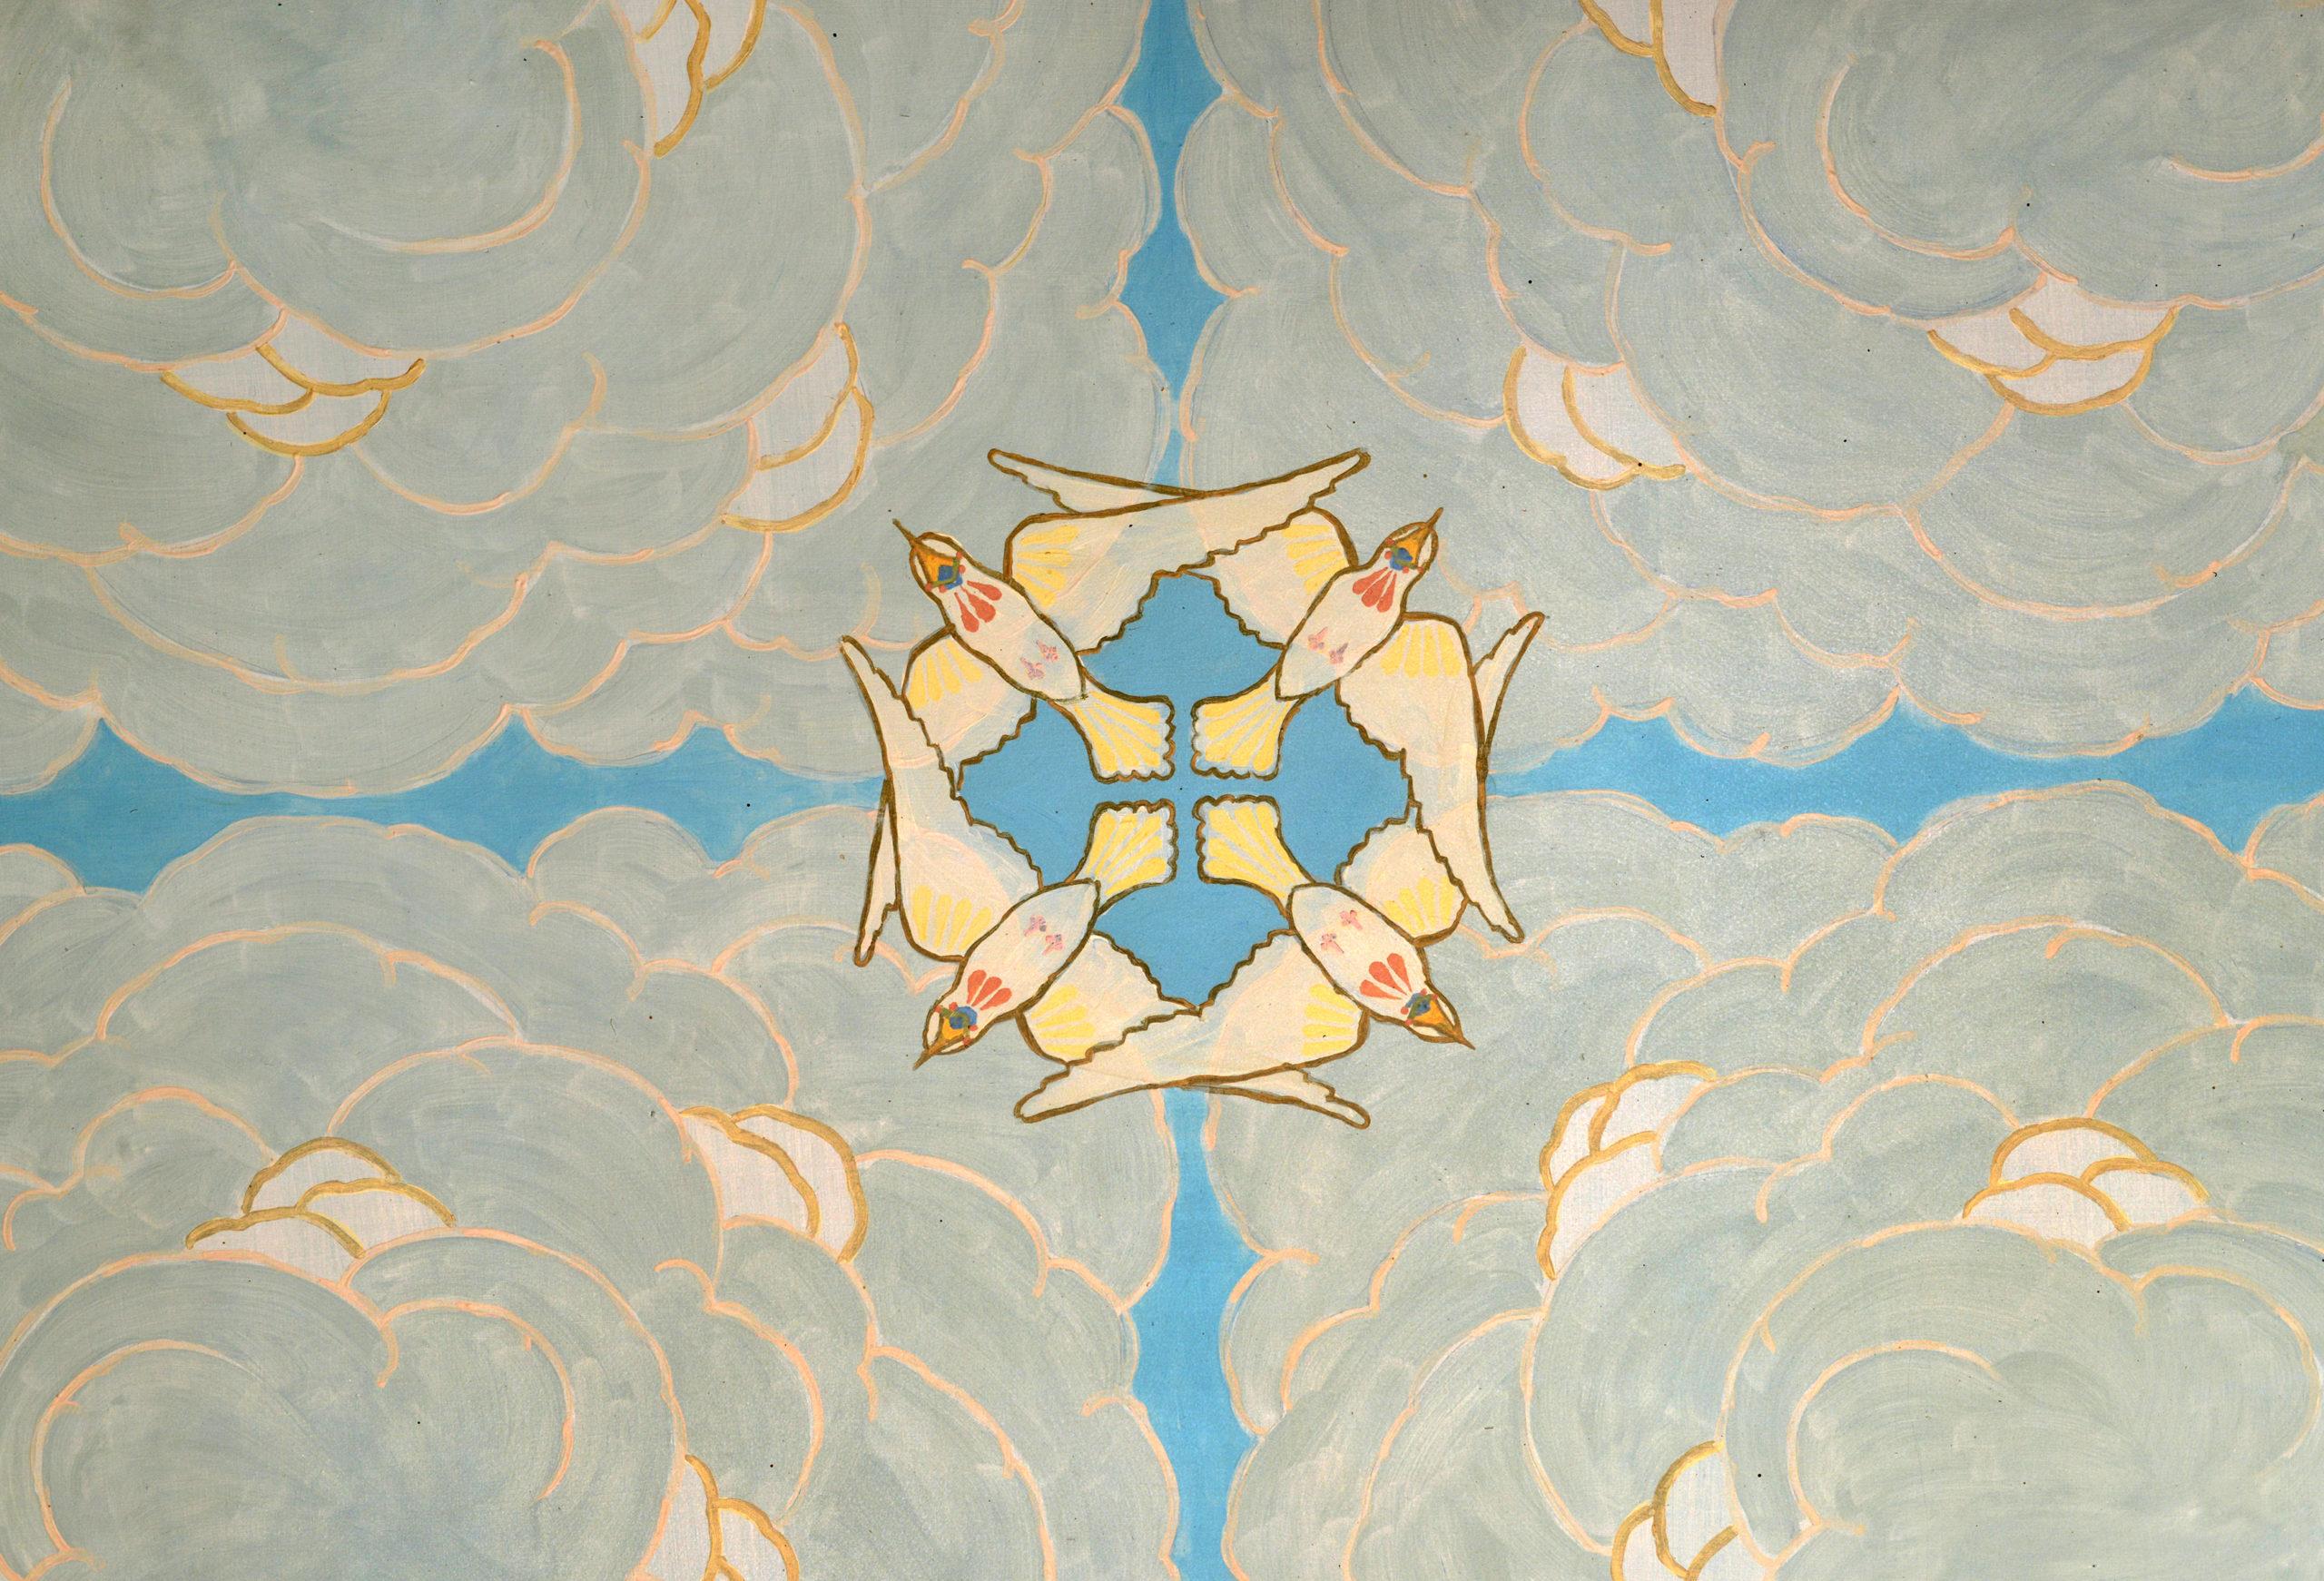 Salon Bleu, La Chaux-de-Fonds ©Ville de La Chaux-de-Fonds, A. Henchoz